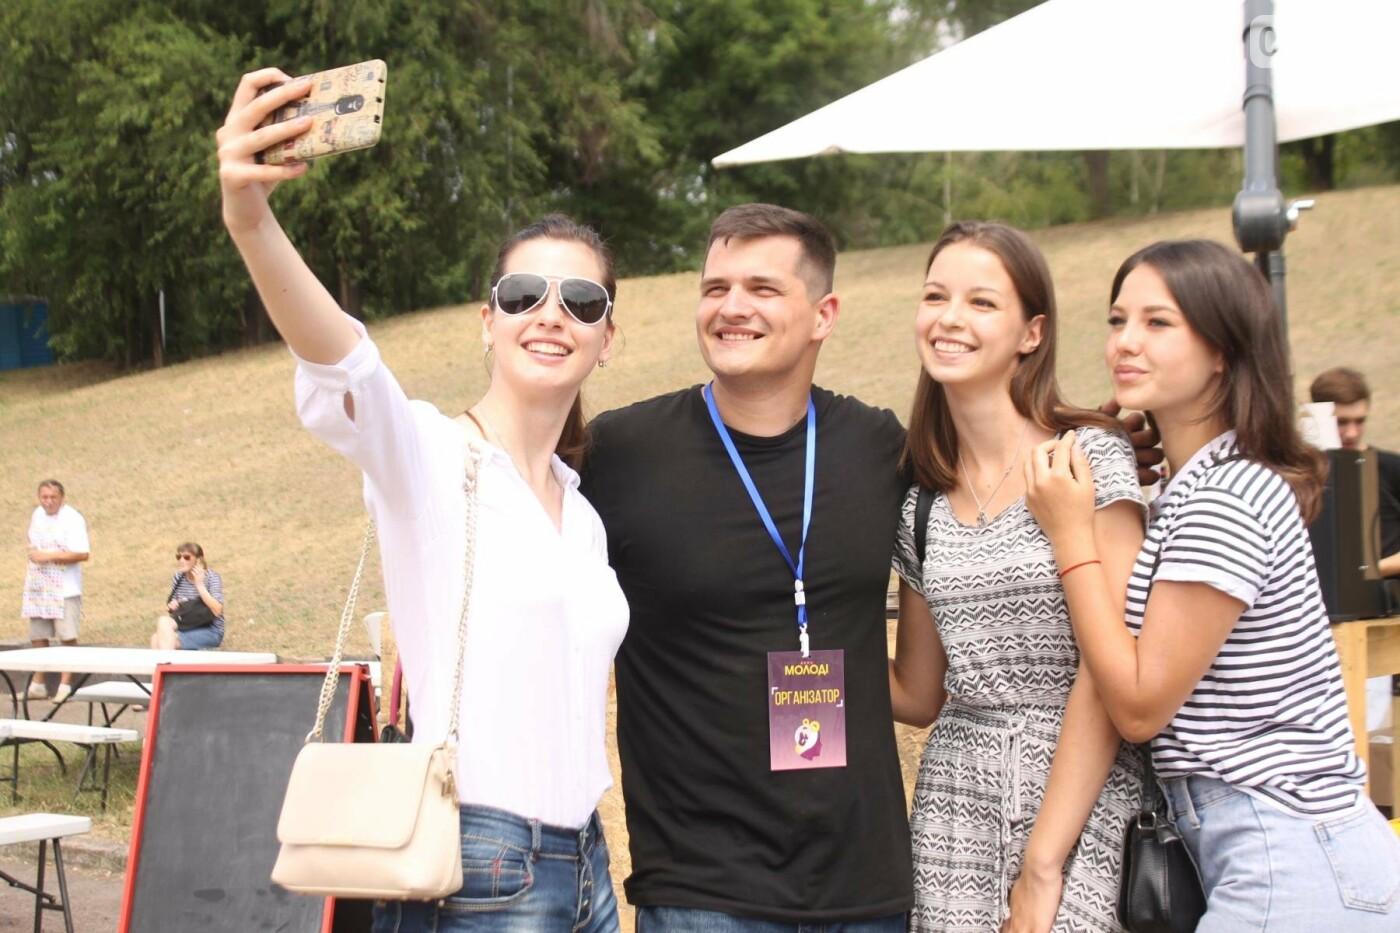 Фестиваль еды, концерты и развлечения: в Запорожье начался фестиваль ко Дню молодежи, – ФОТОРЕПОРТАЖ, фото-10